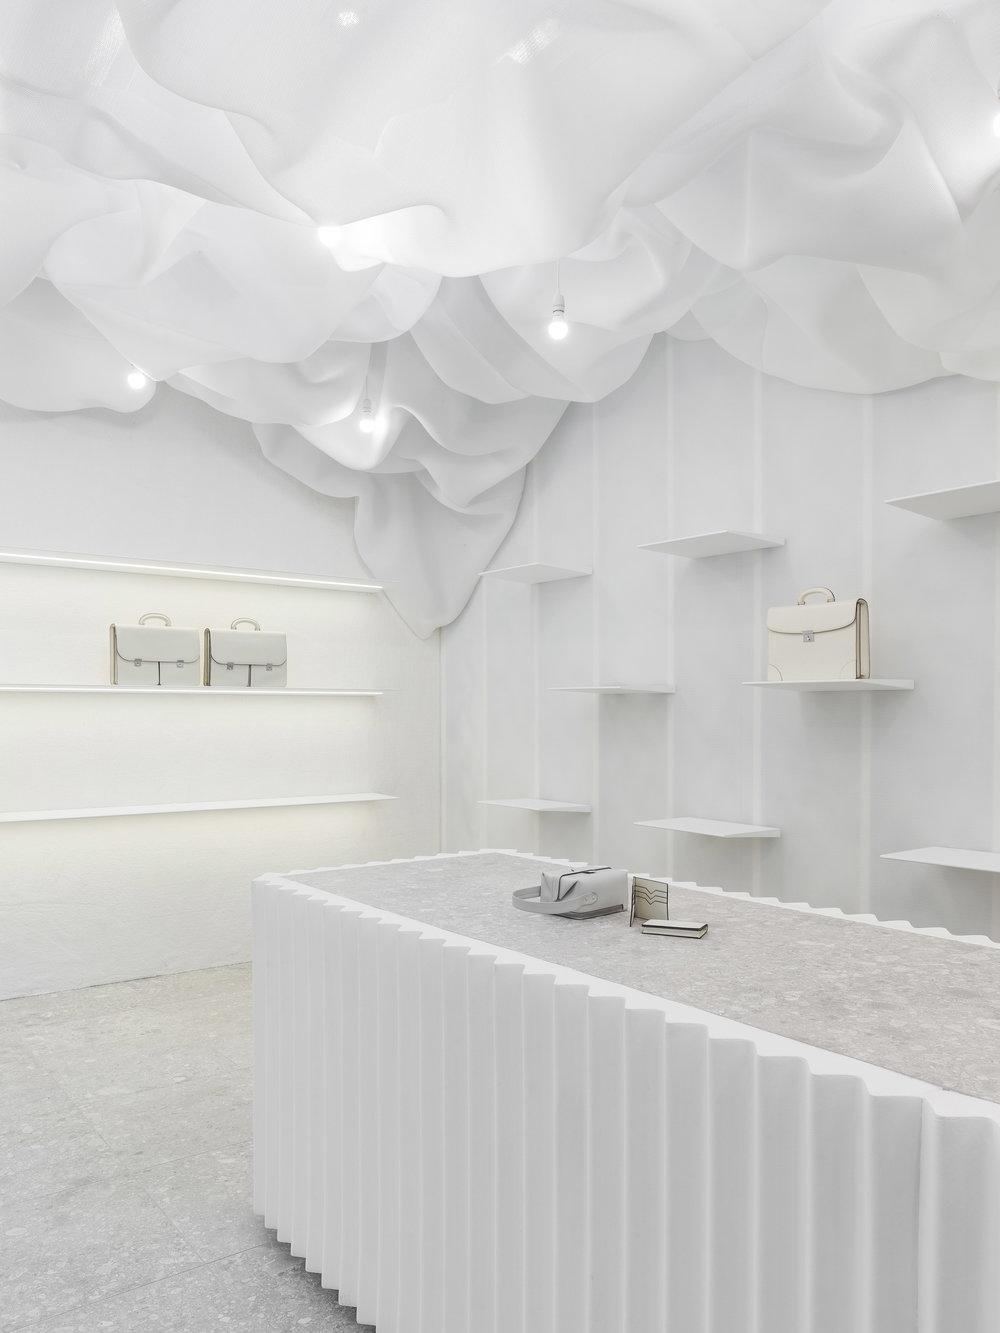 velextra-store-snarkitecture-interiors-milan-design-week-shop_dezeen_2364_col_12.jpg